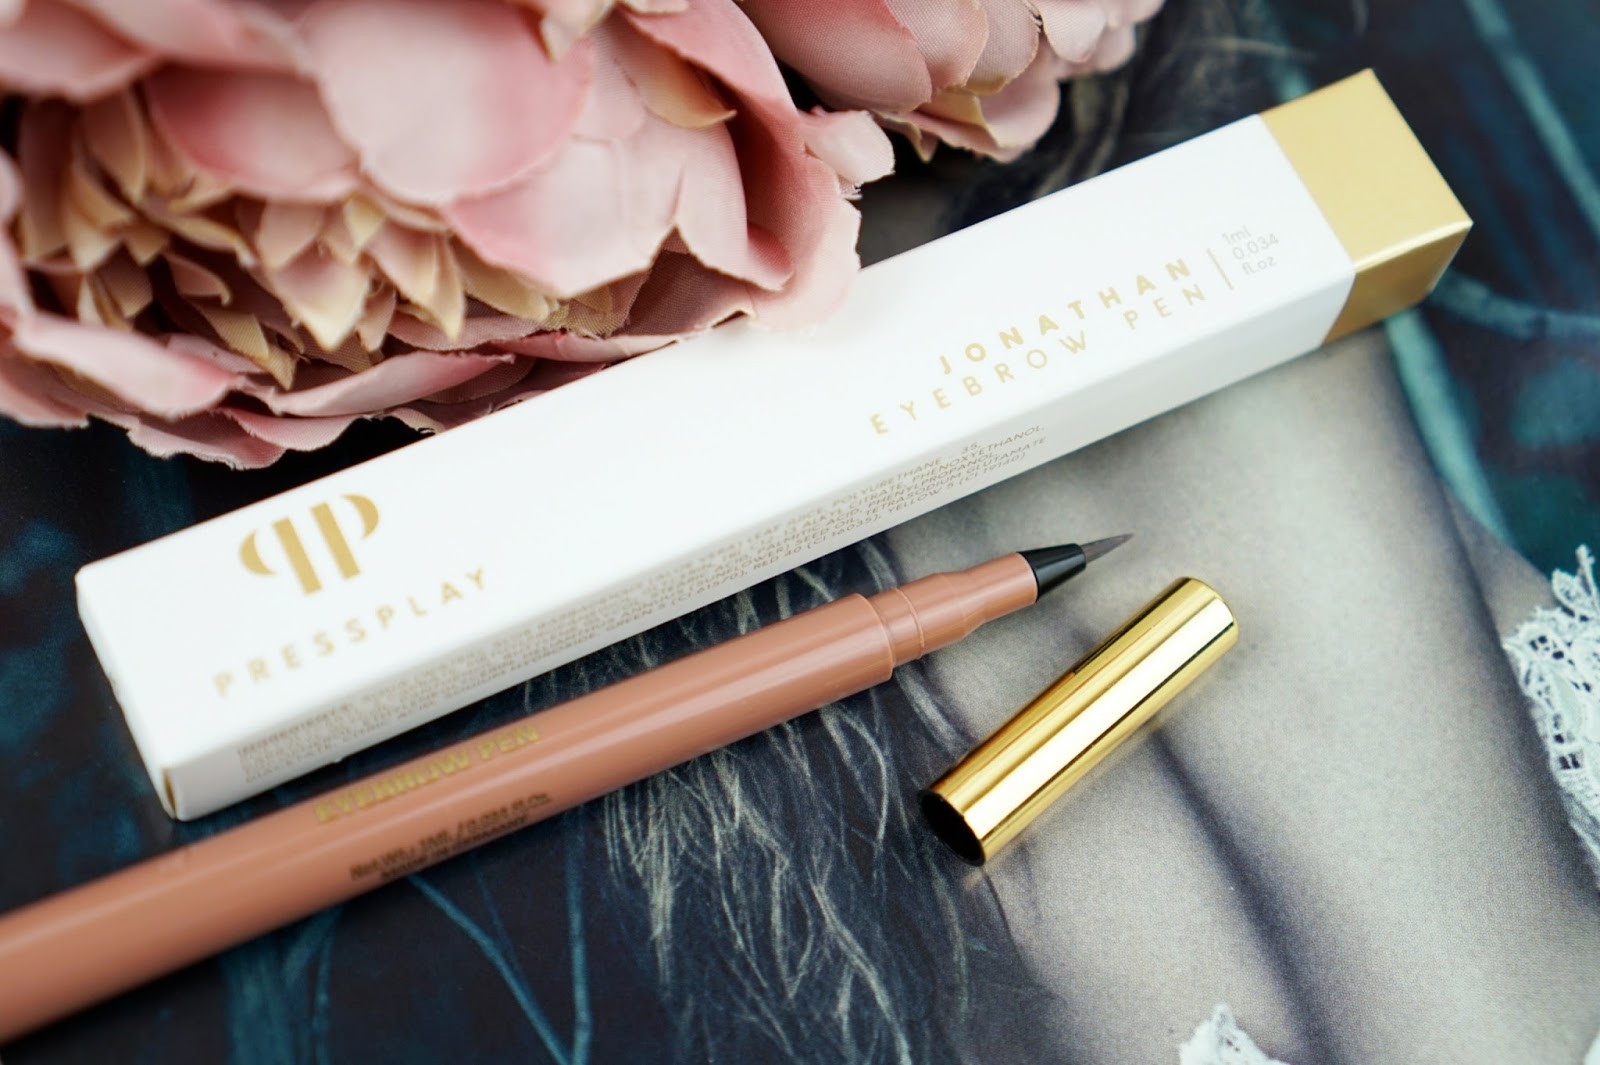 Pressplay_Cosmetics_Capsule_Jonathan_Eyebrow_Pen